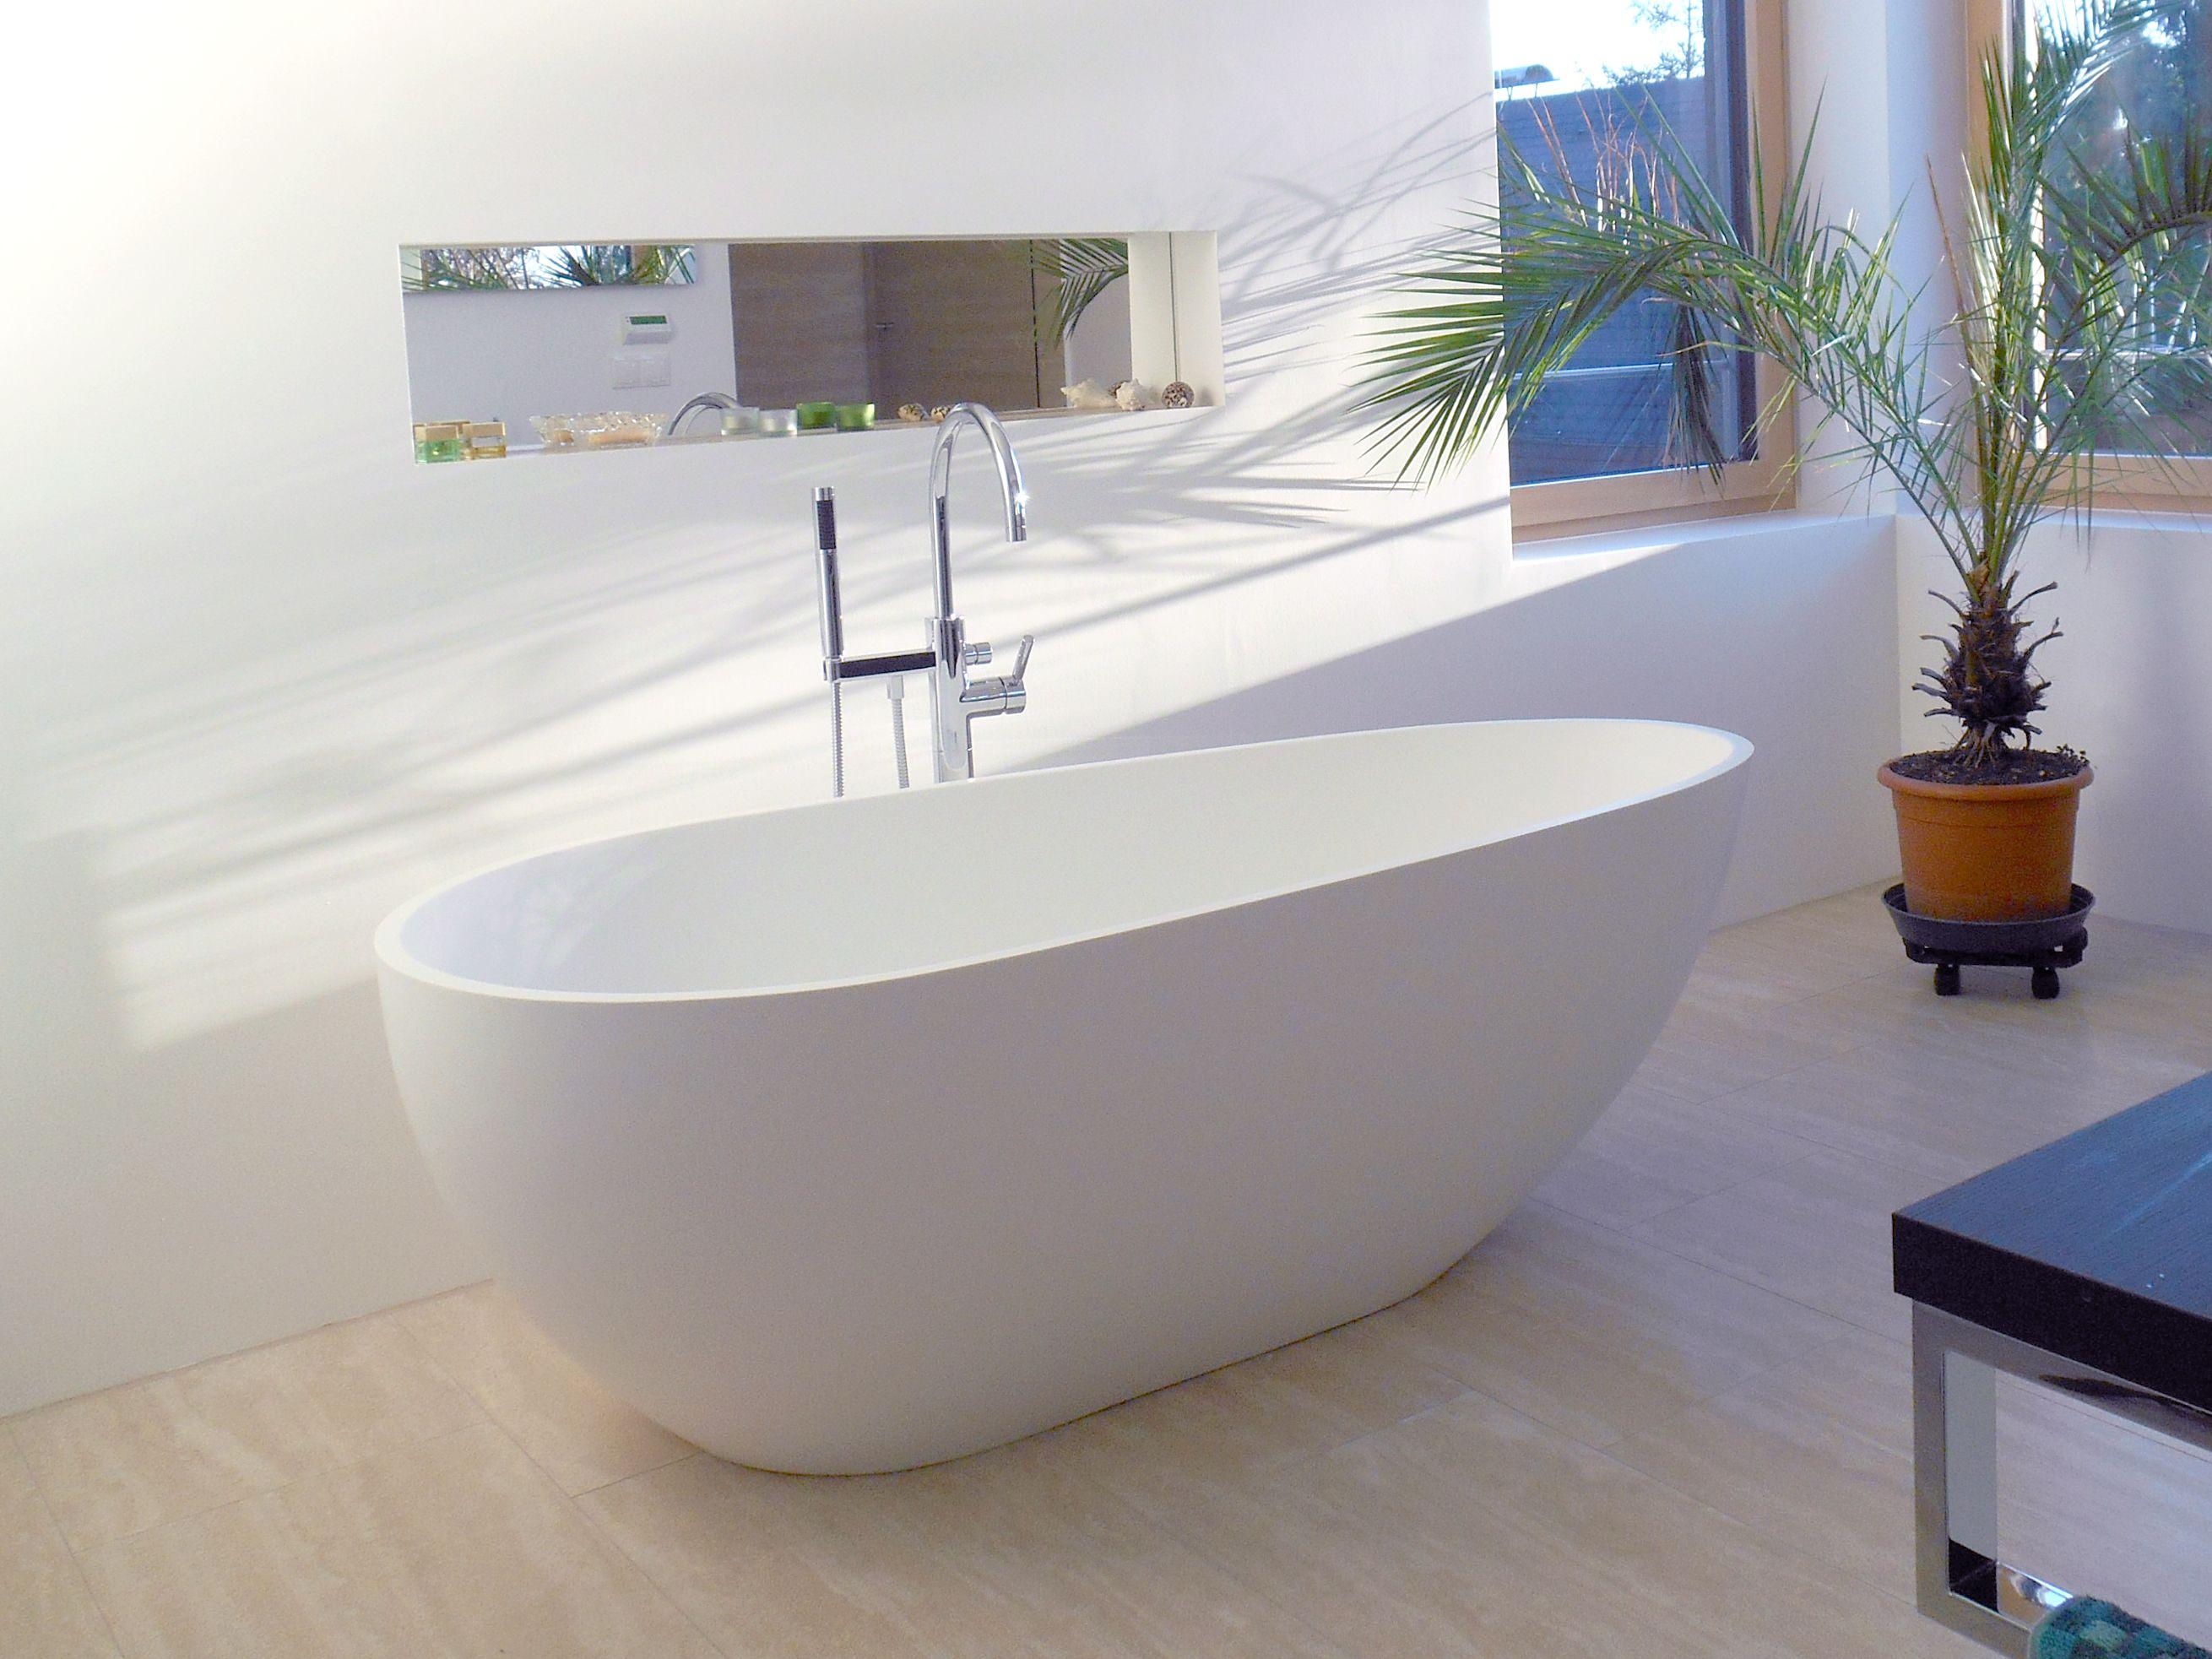 freistehende badewanne bw-01 l mineralguss | referenzbilder, Badezimmer ideen